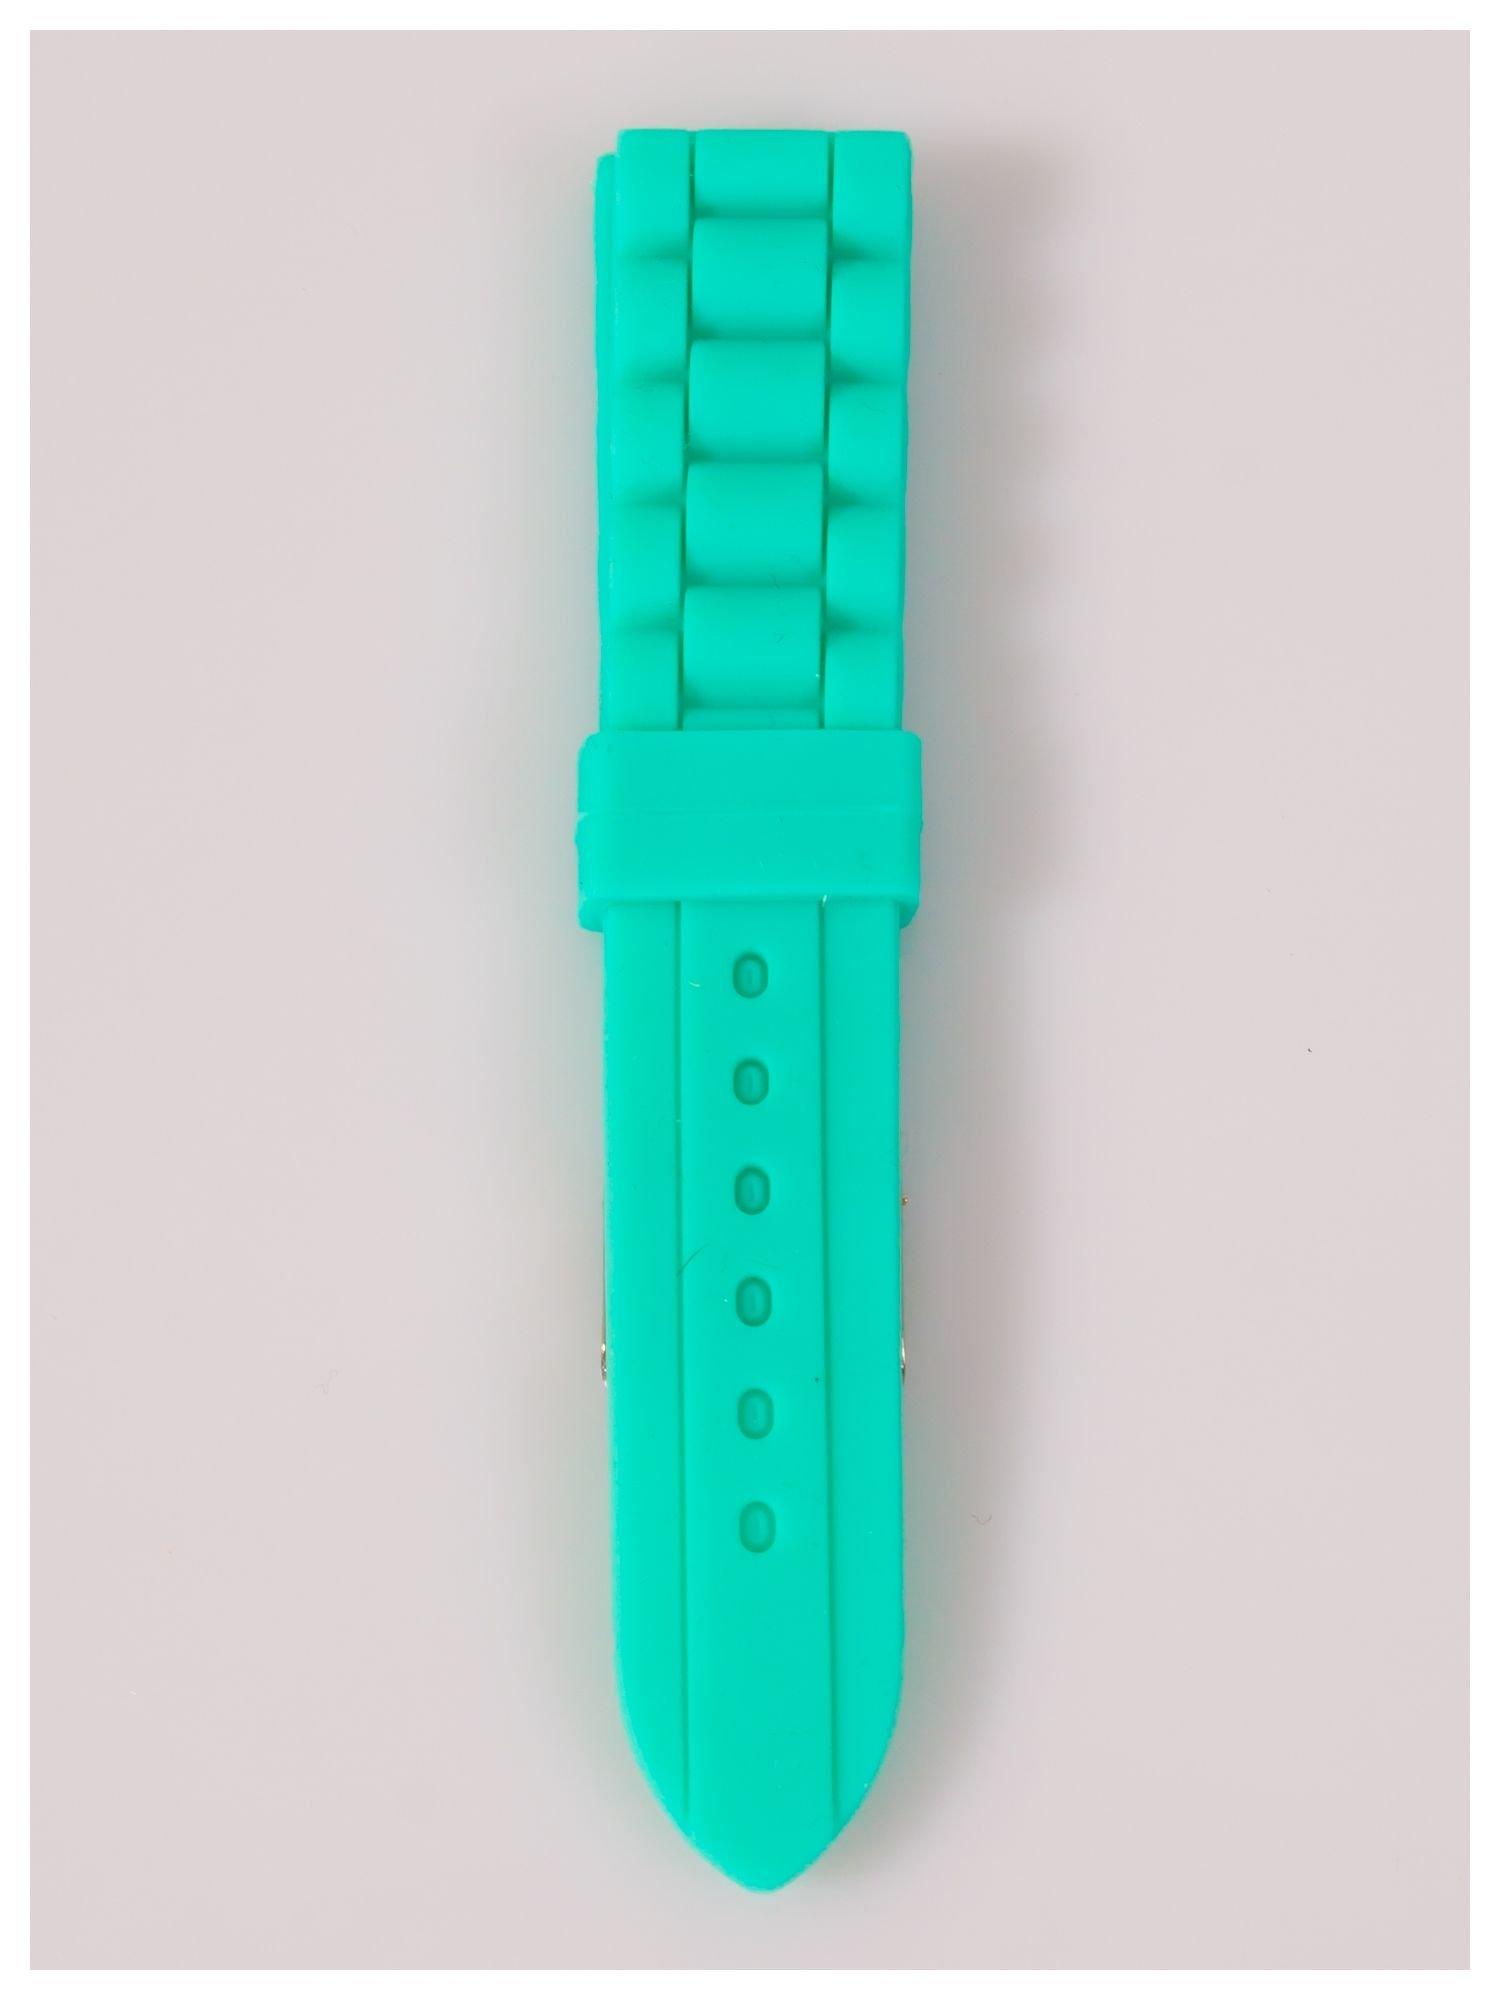 Pasek silikonowy do zegarka 20 mm - miętowy                                  zdj.                                  2